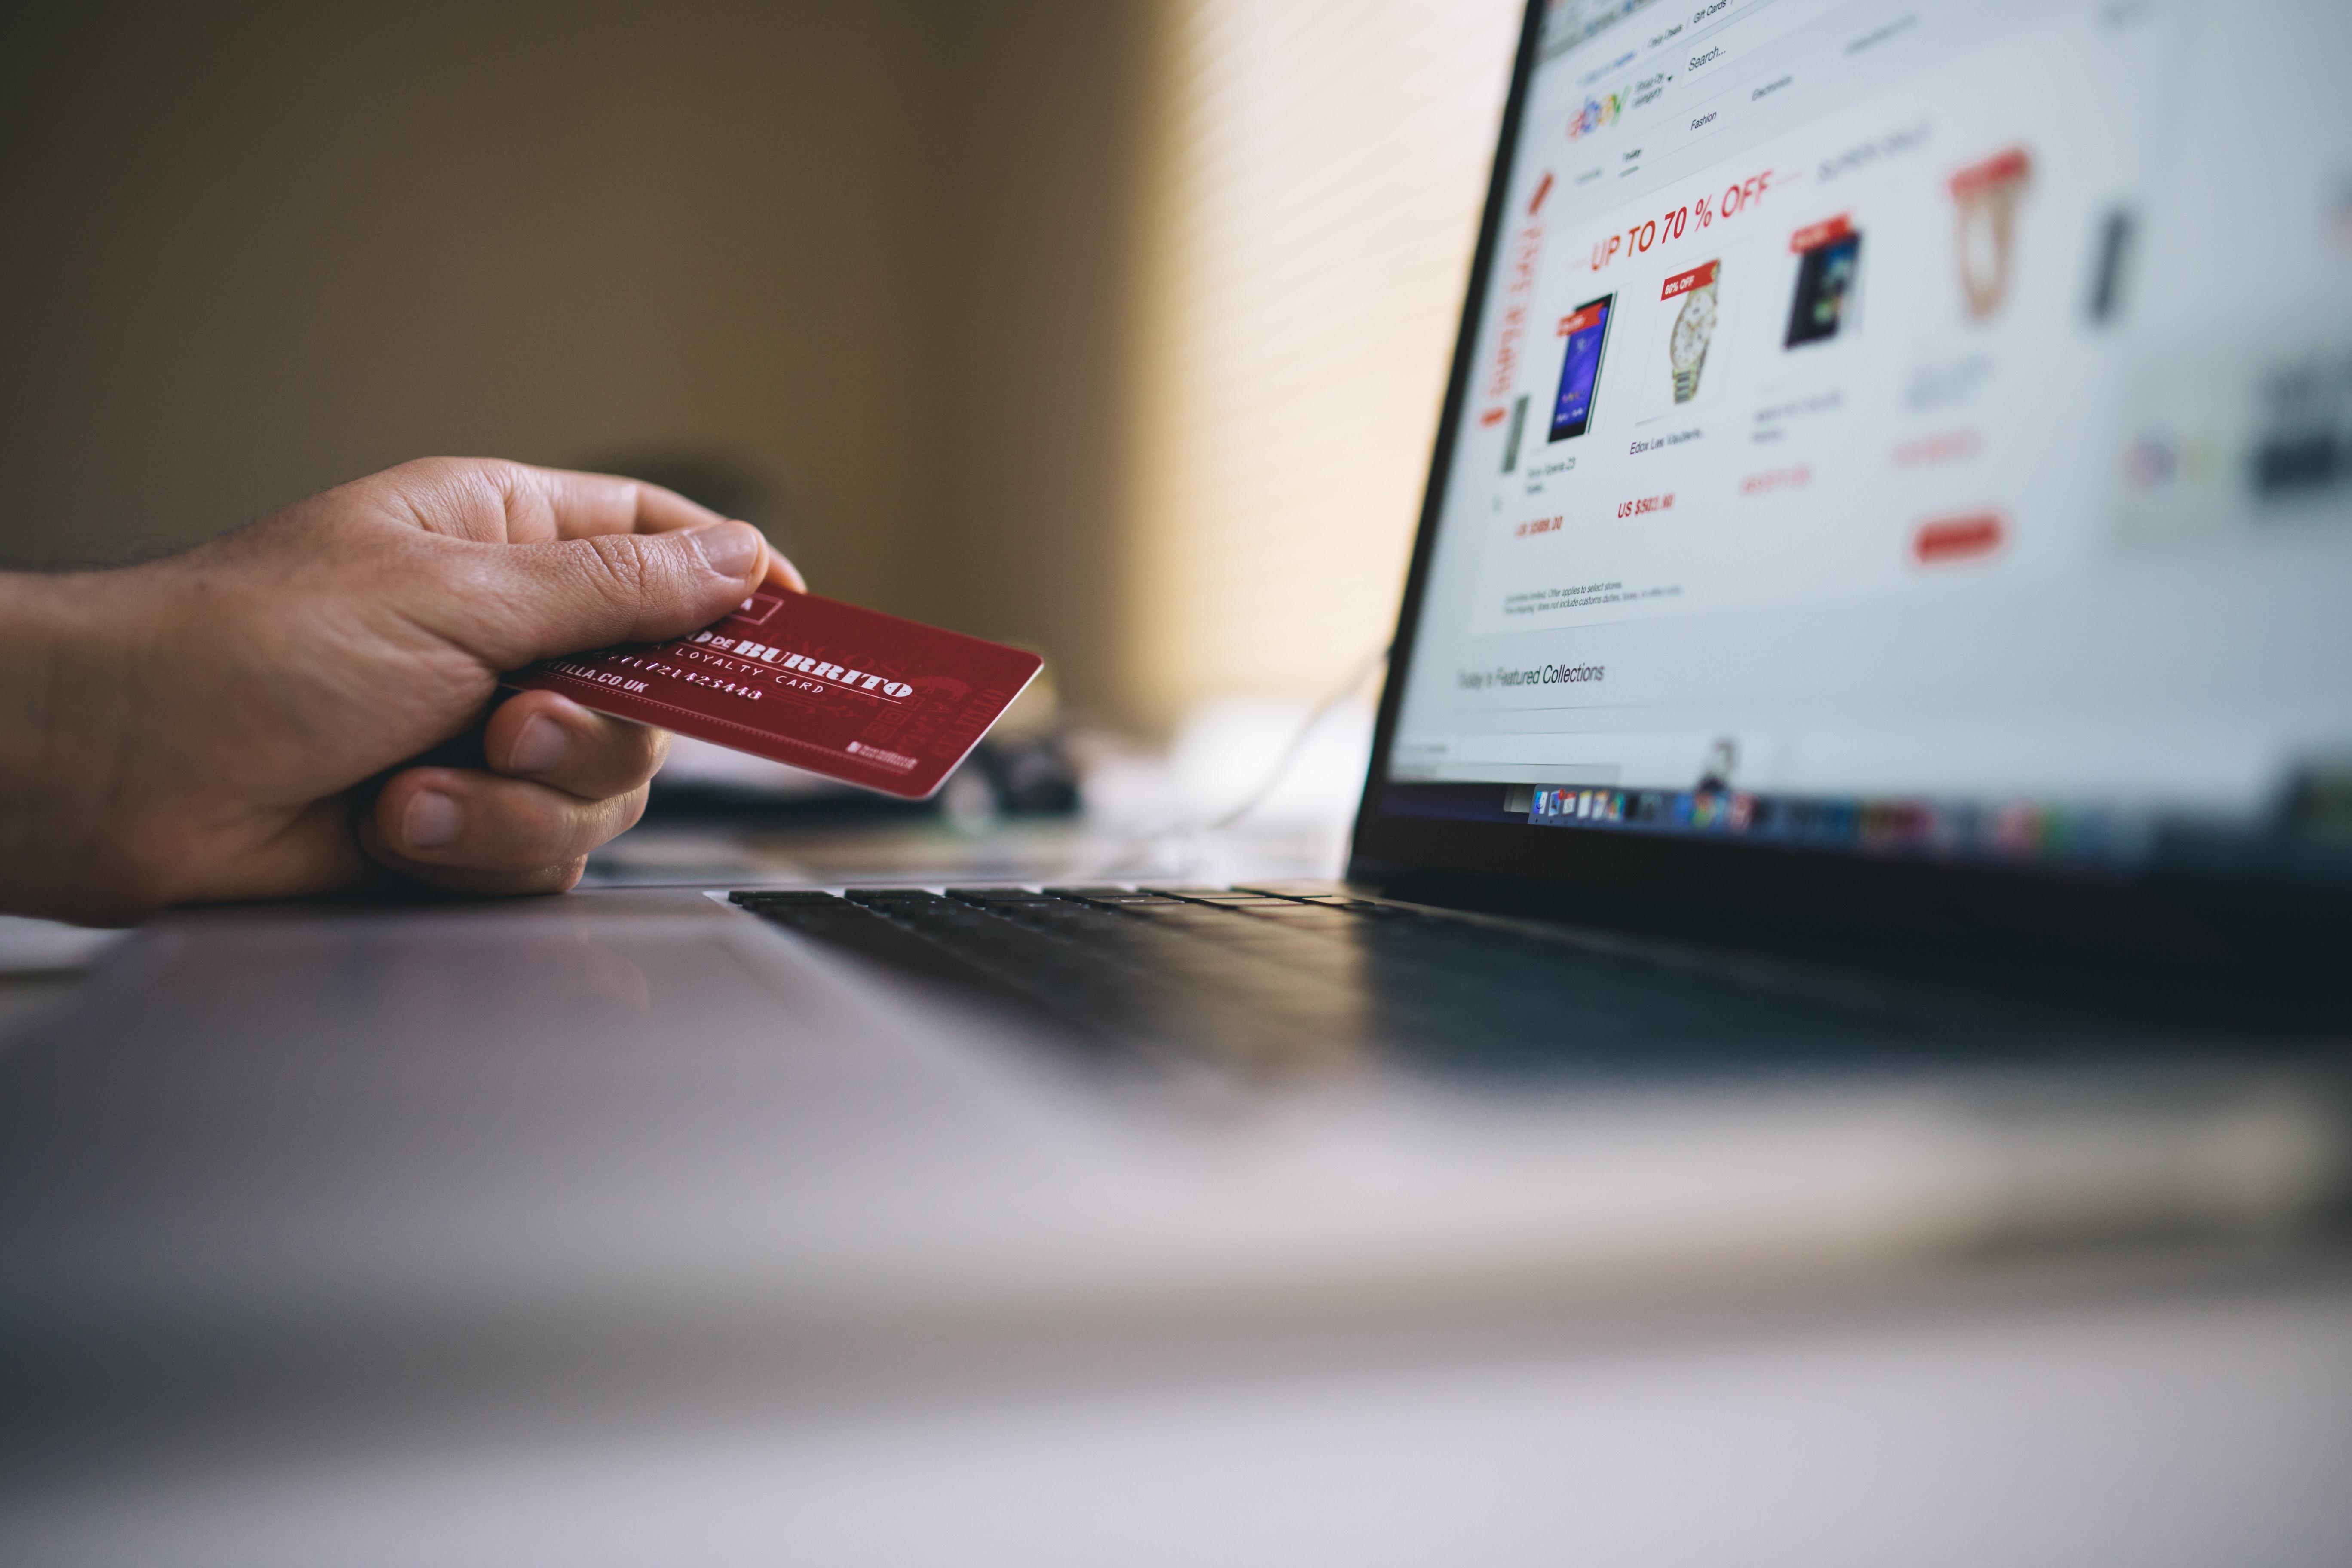 ecommerce buying image